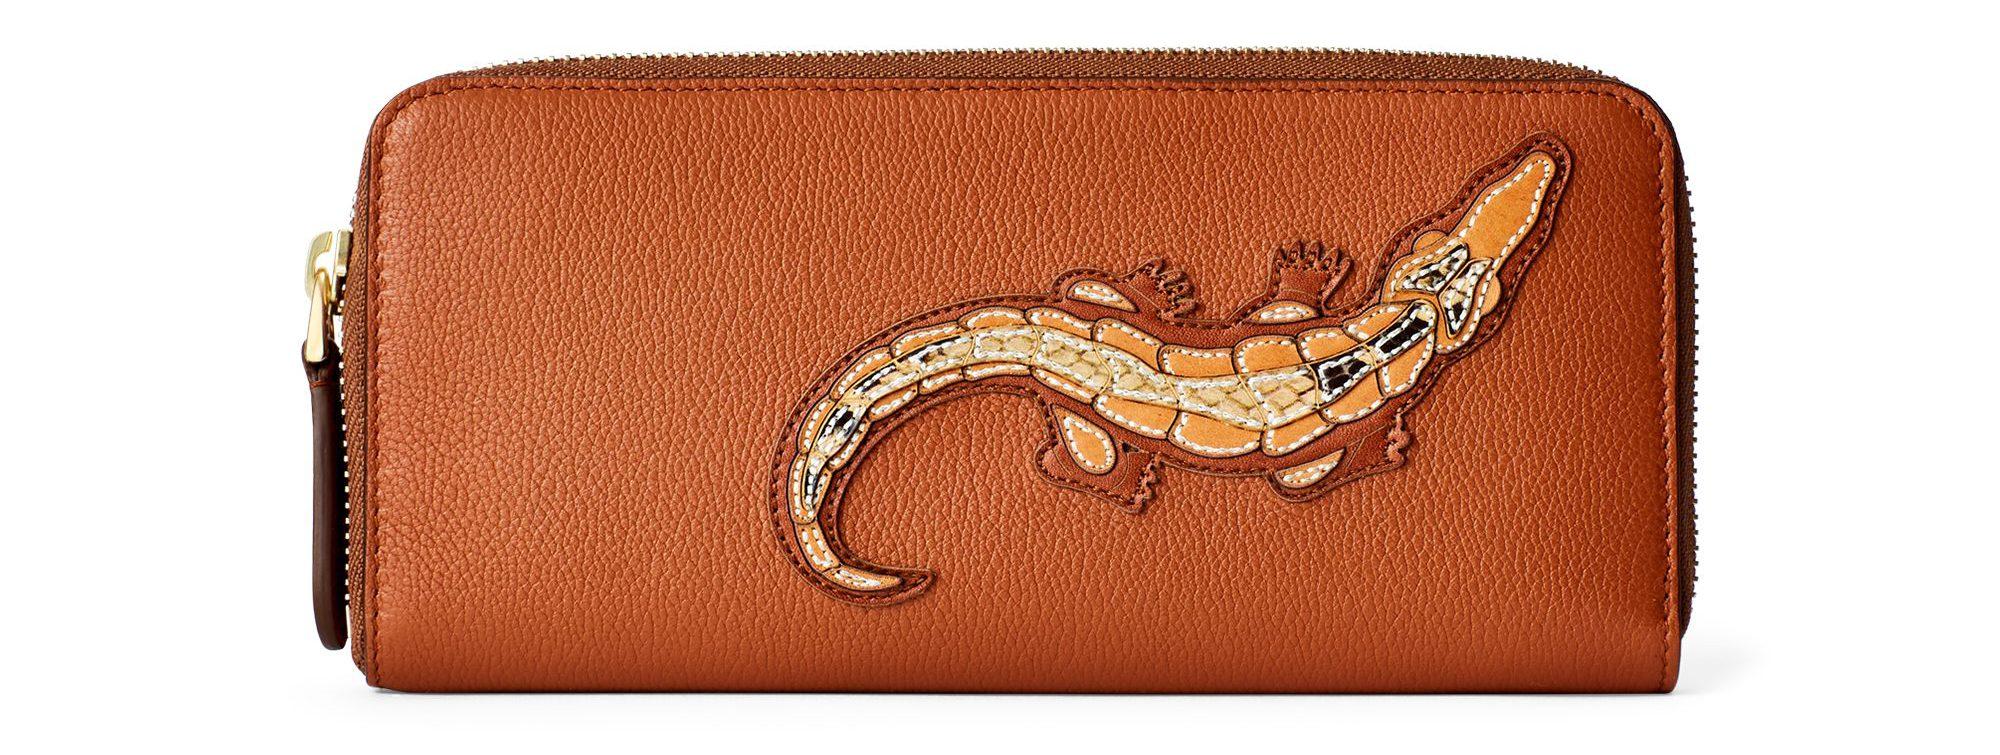 Crocodile Calf Mini Zip Pouch £330.00